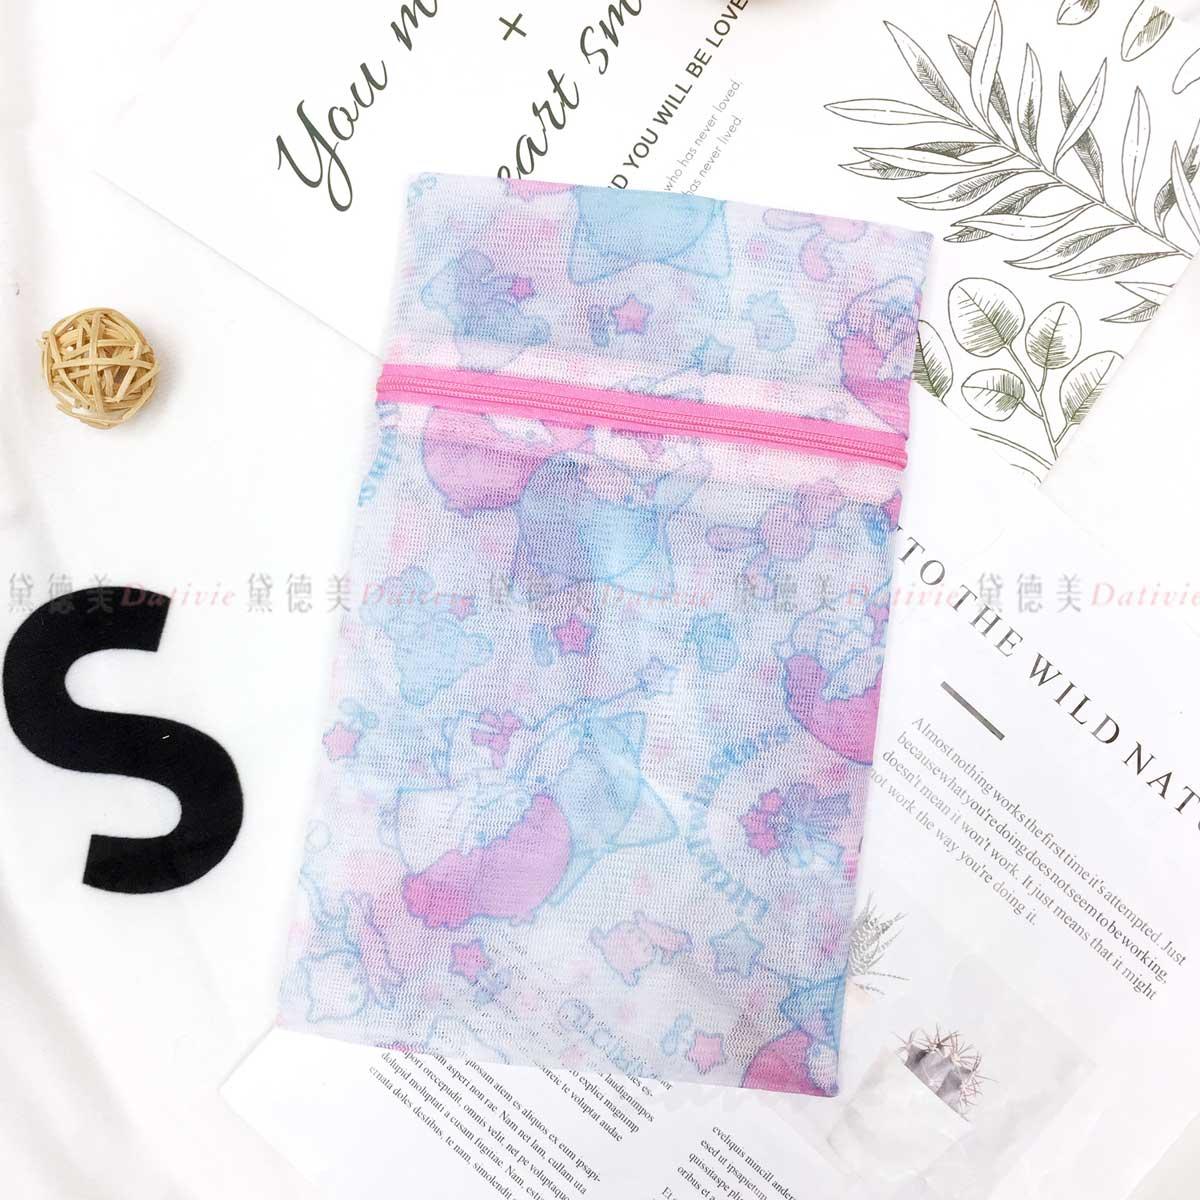 圓形立體洗衣袋 21x34cm-雙子星 LAUNDRY NET 三麗鷗 Sanrio 日本進口正版授權